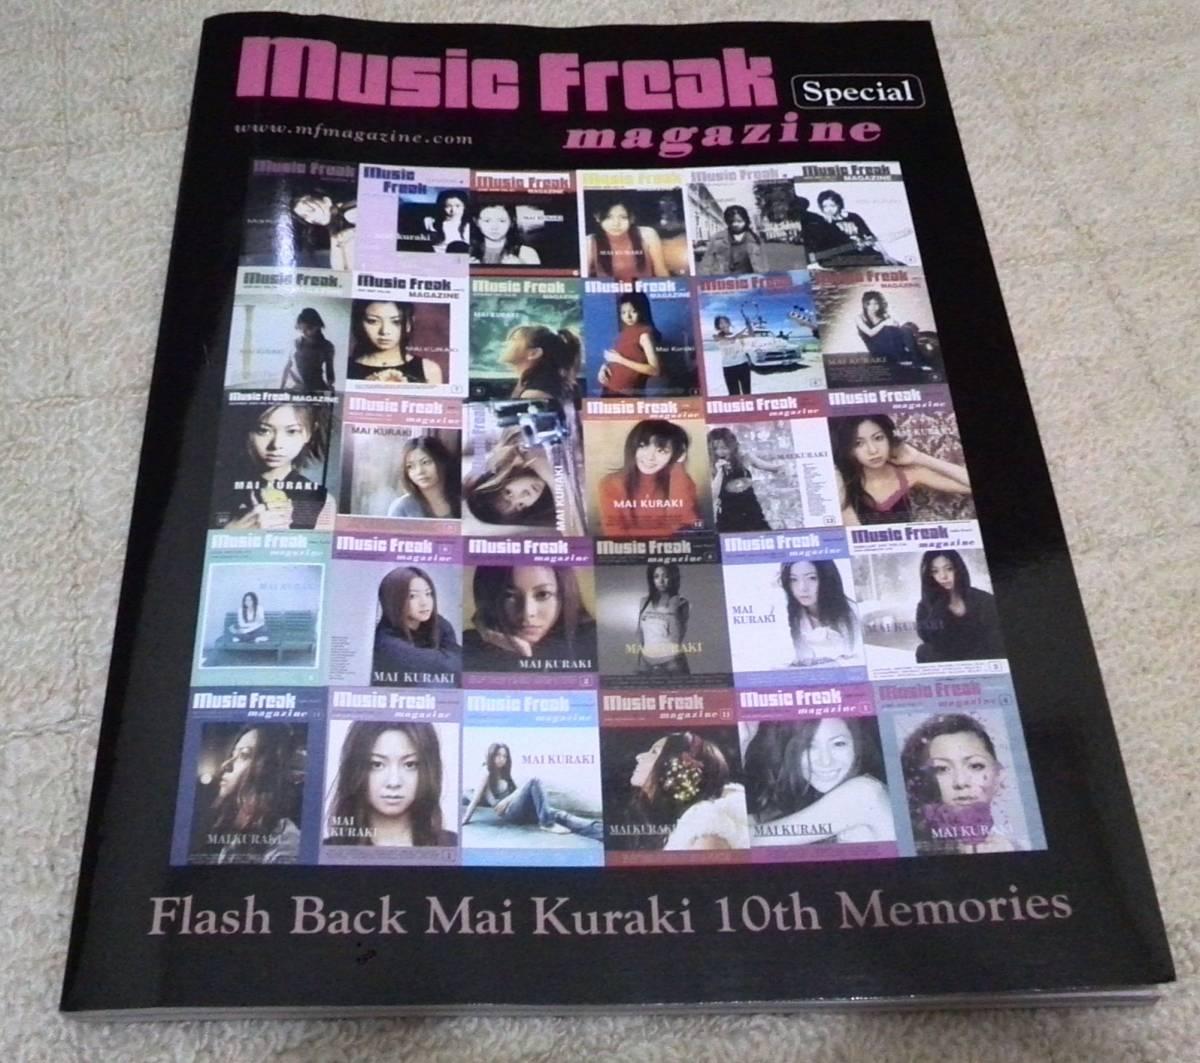 Music Freak Special 倉木麻衣 10th Memoriies